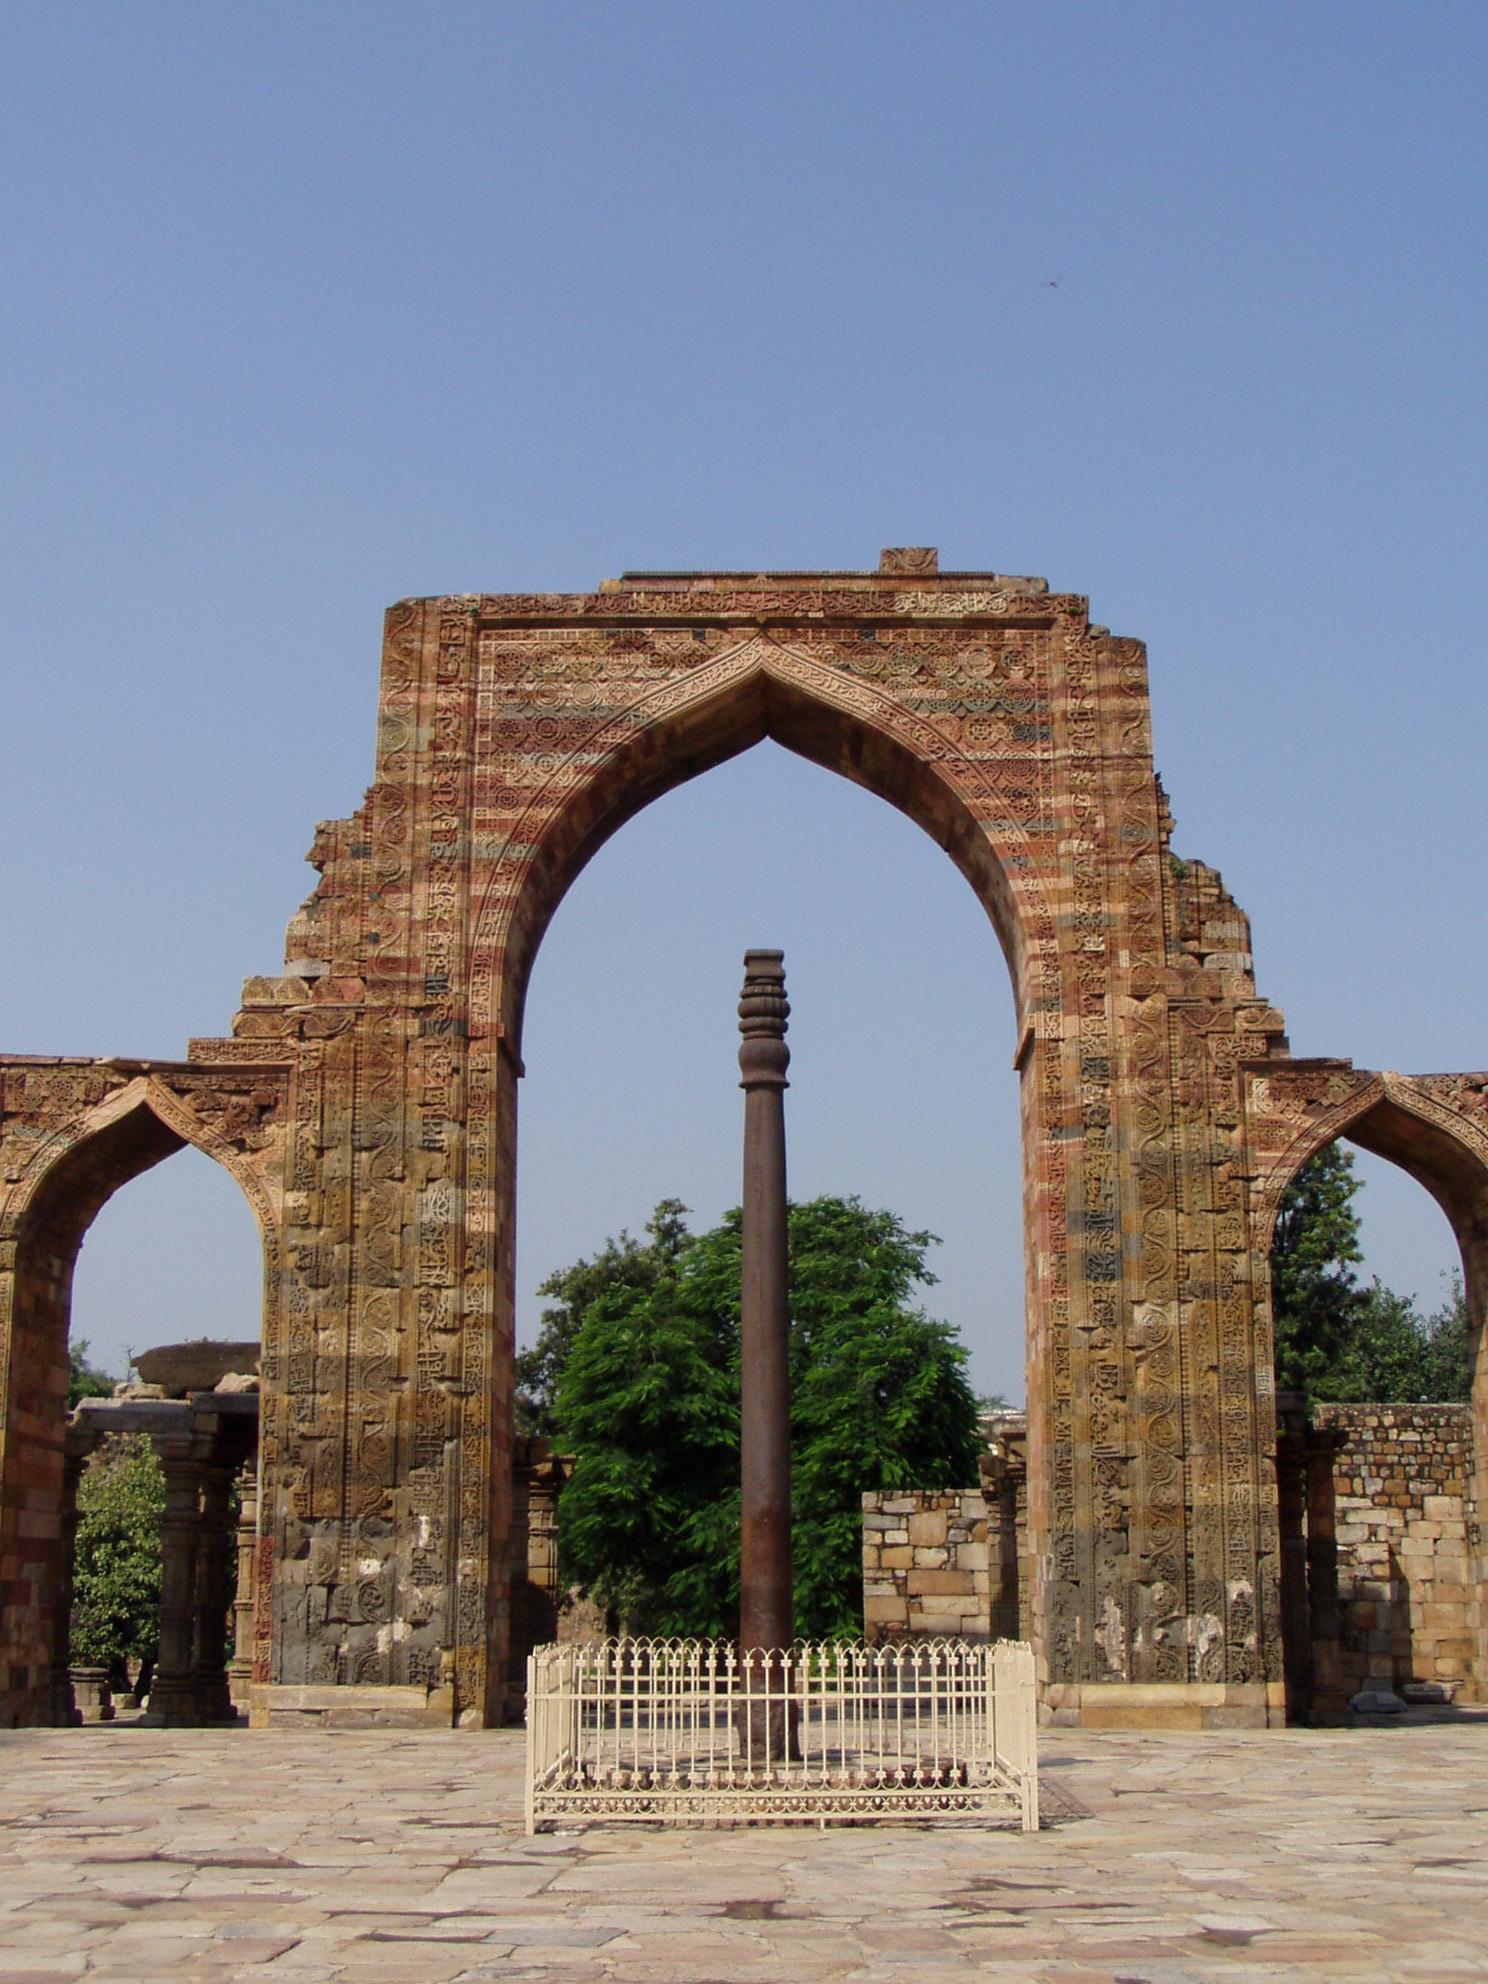 File:Iron pillar in th... Quwwat Ul Islam Mosque